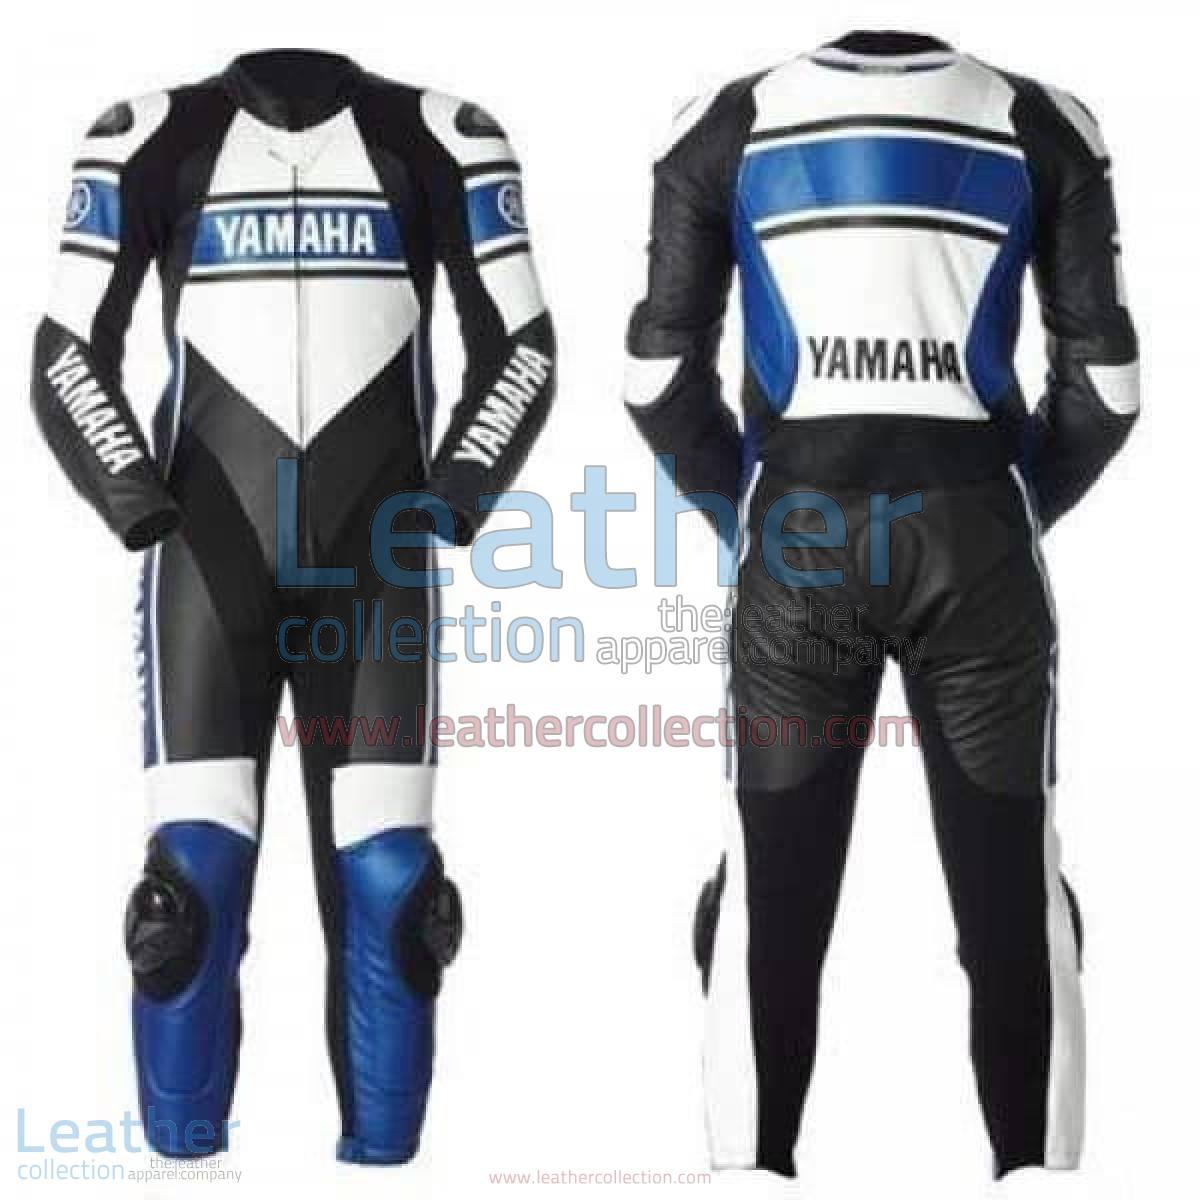 Yamaha Motorcycle Leather Suit Blue | yamaha leather suit